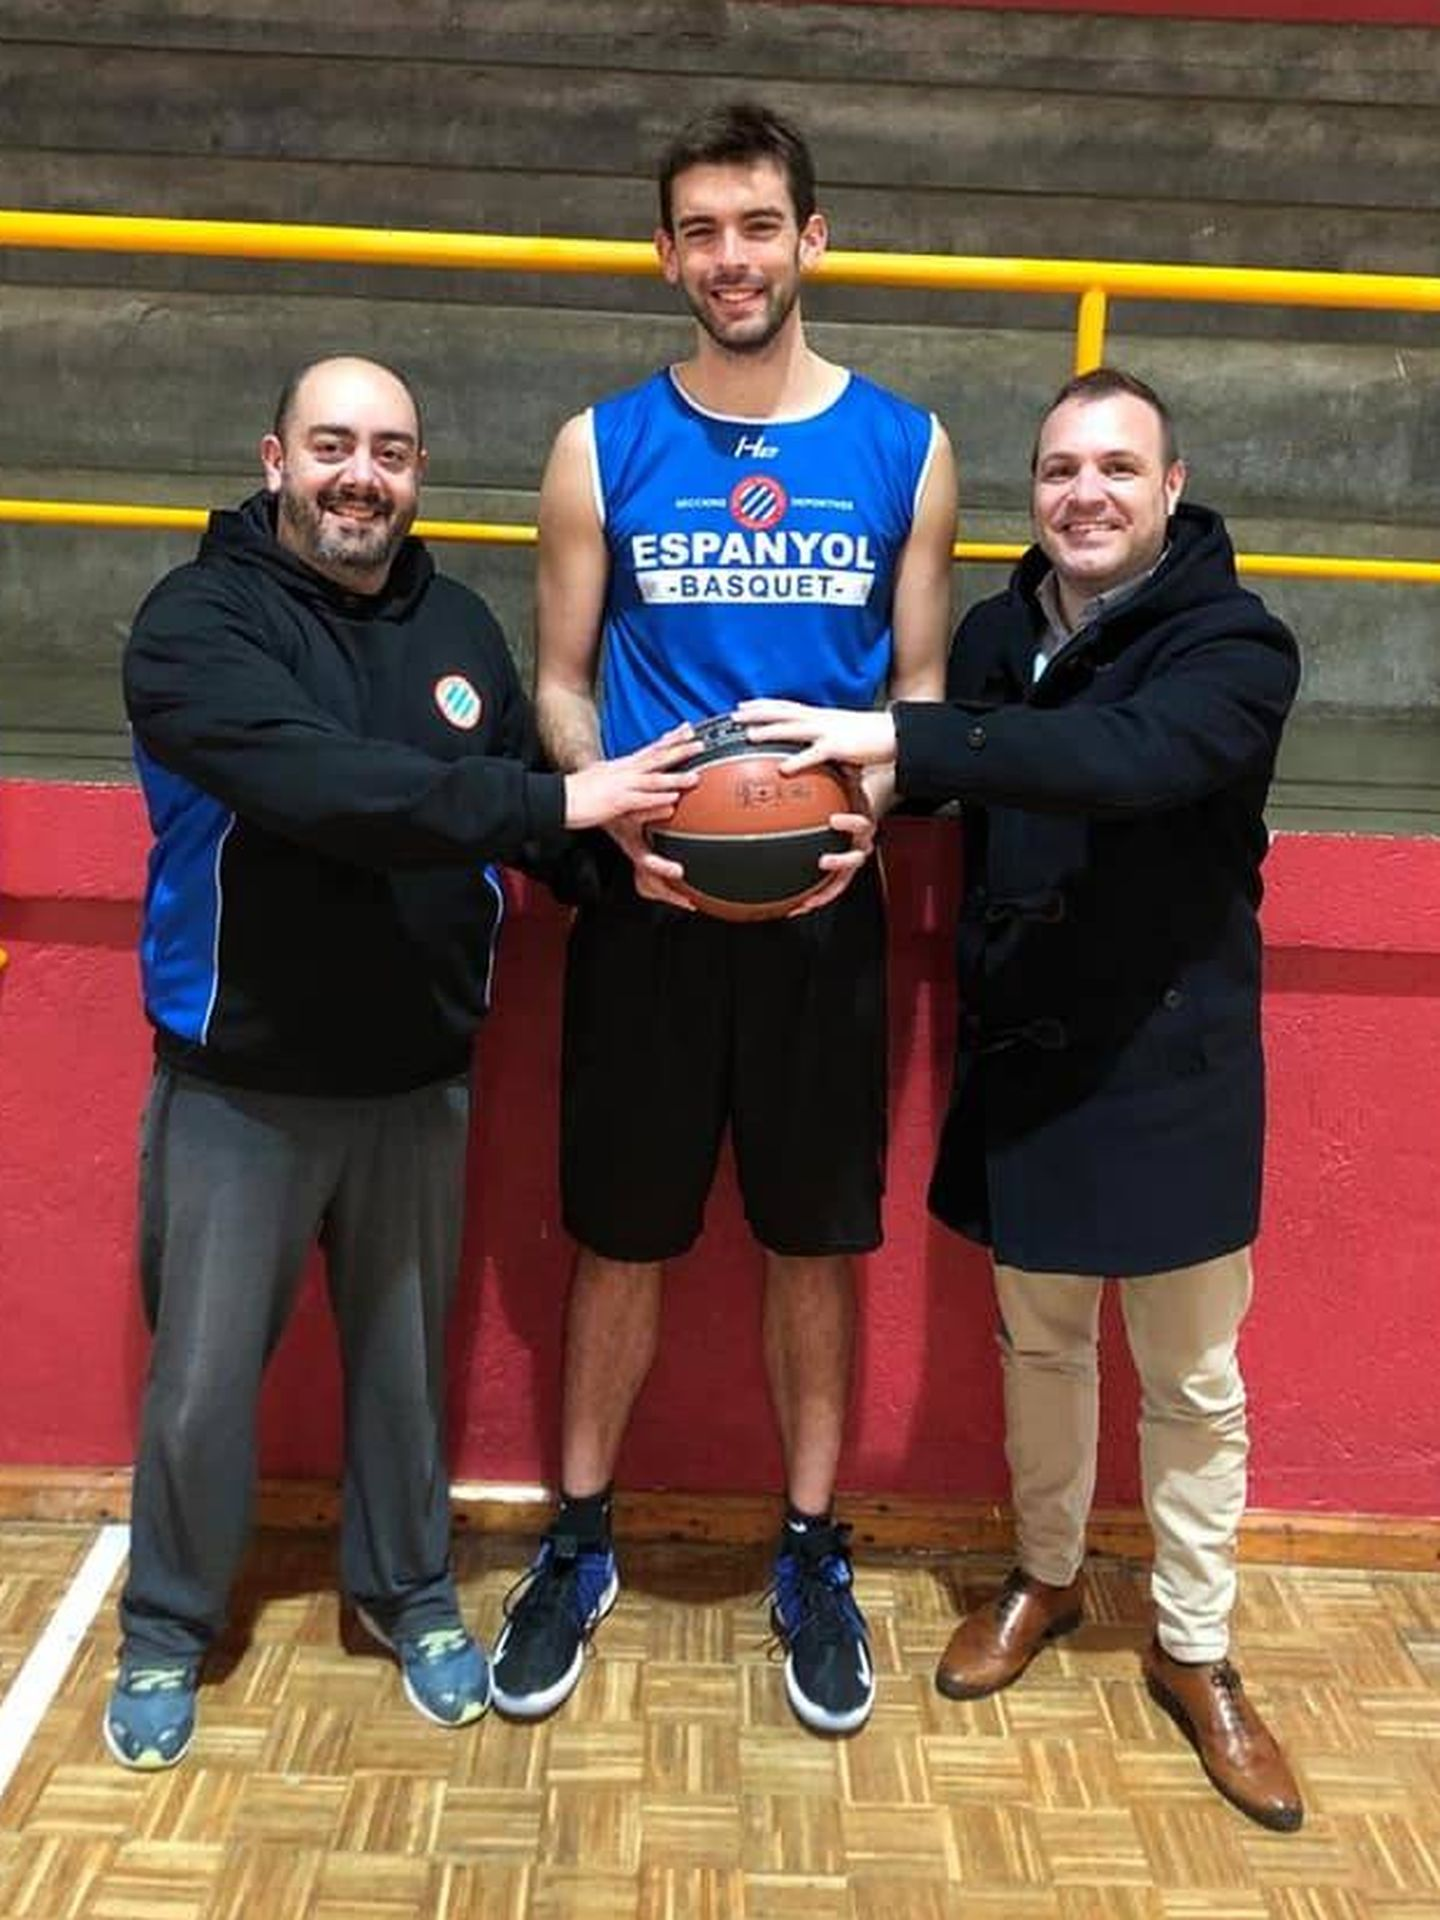 Adrià Gasol, con la camiseta del Espanyol de baloncesto al hacerse oficial su fichaje.  (@Sec_Espanyol)